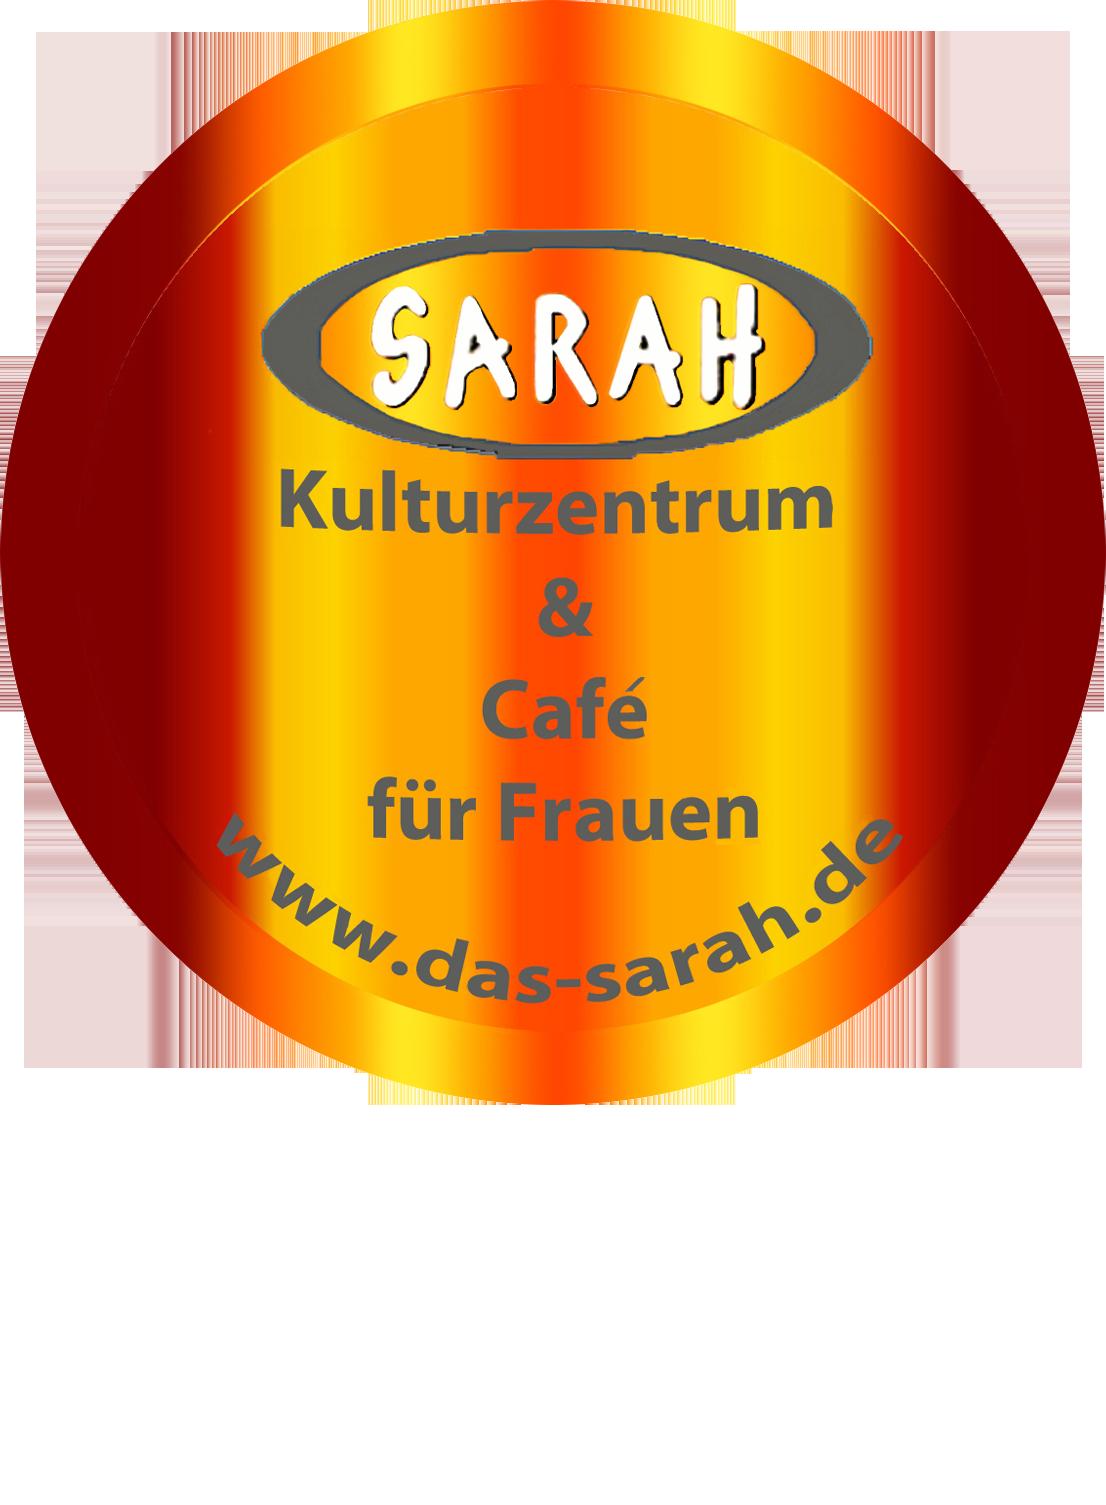 SARAH KULTURZENTRUM UND CAFE FÜR FRAUEN